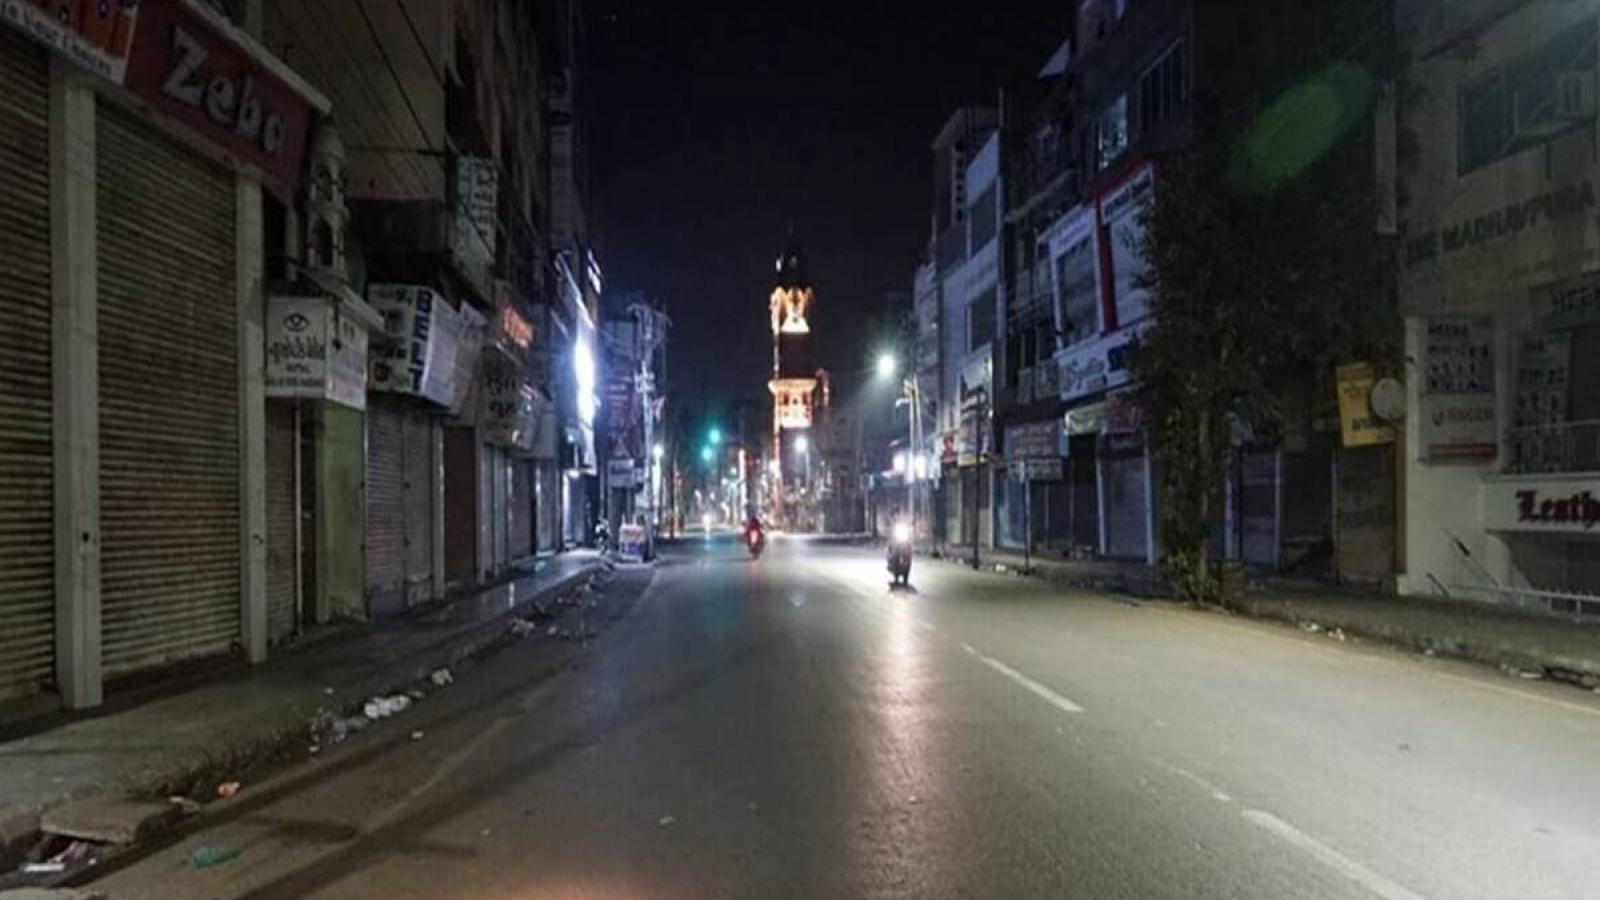 Lo ngại Covid-19, thủ đô New Delhi (Ấn Độ) giới nghiêm ban đêm tới hết tháng 4